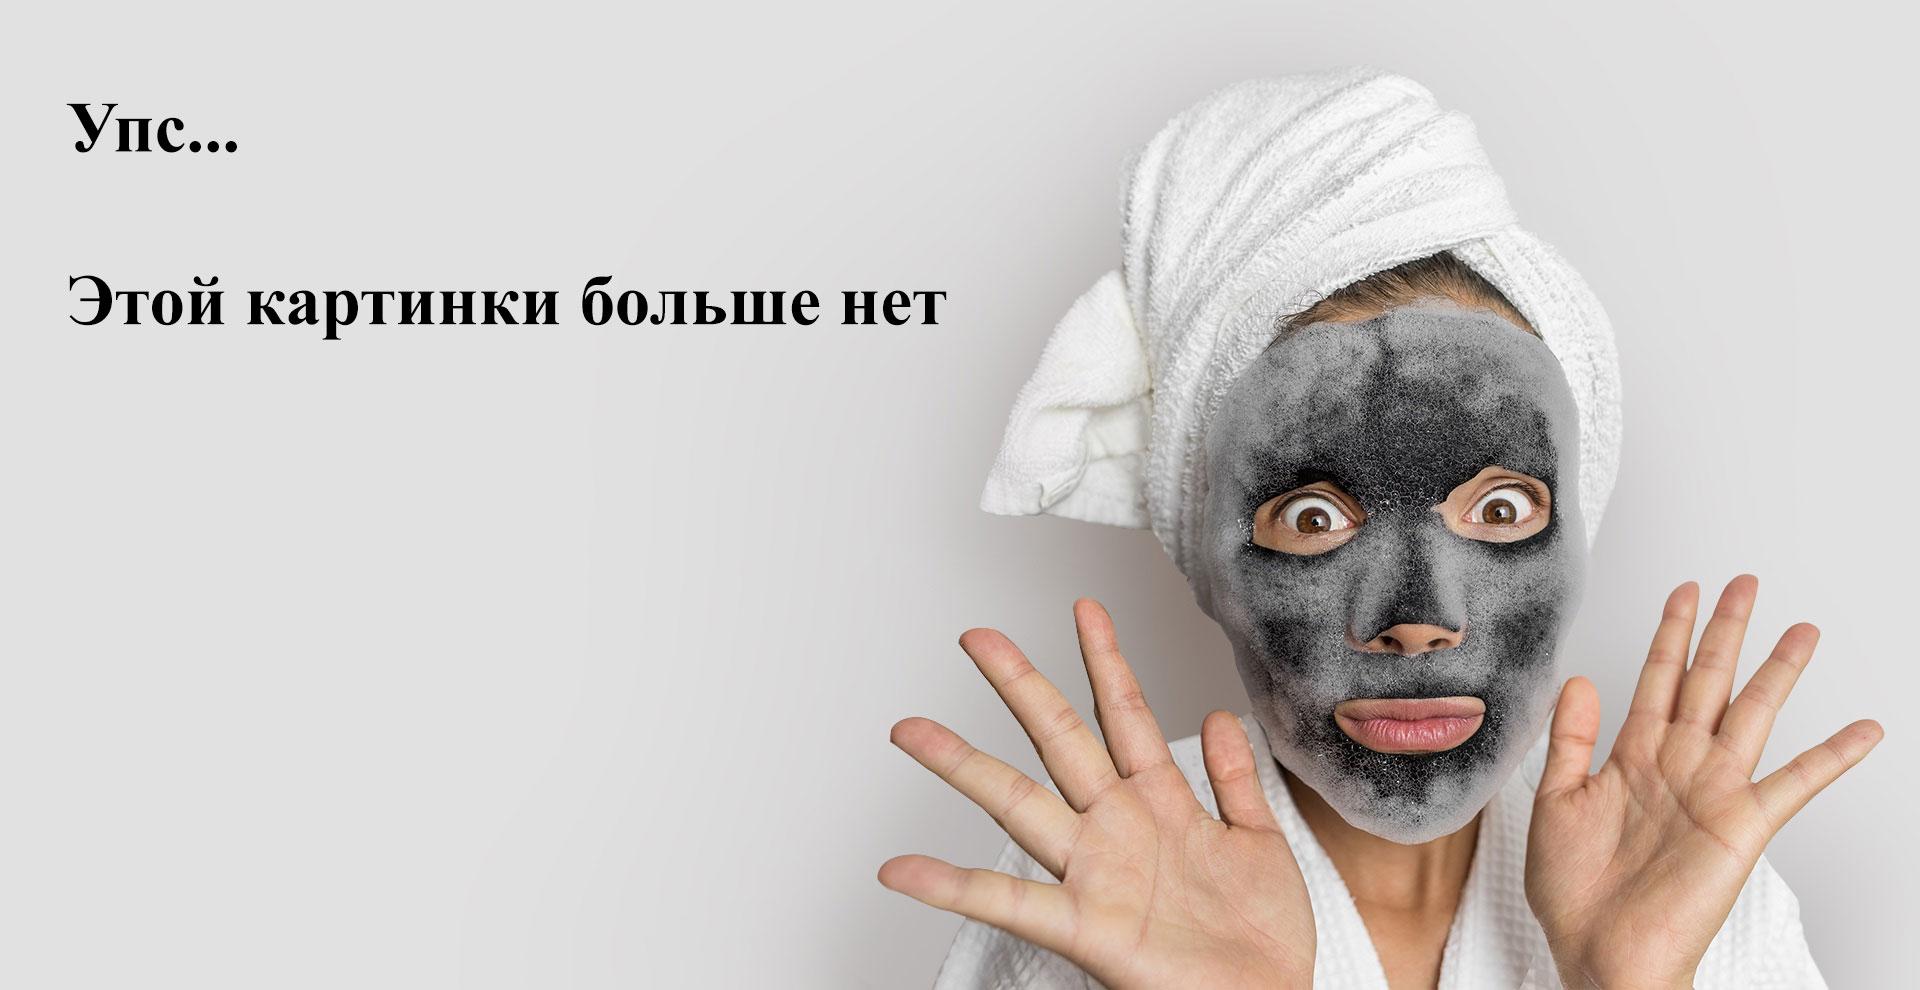 Siberina, Духи с афродизиаками «Цитрусовый флирт», 10 мл